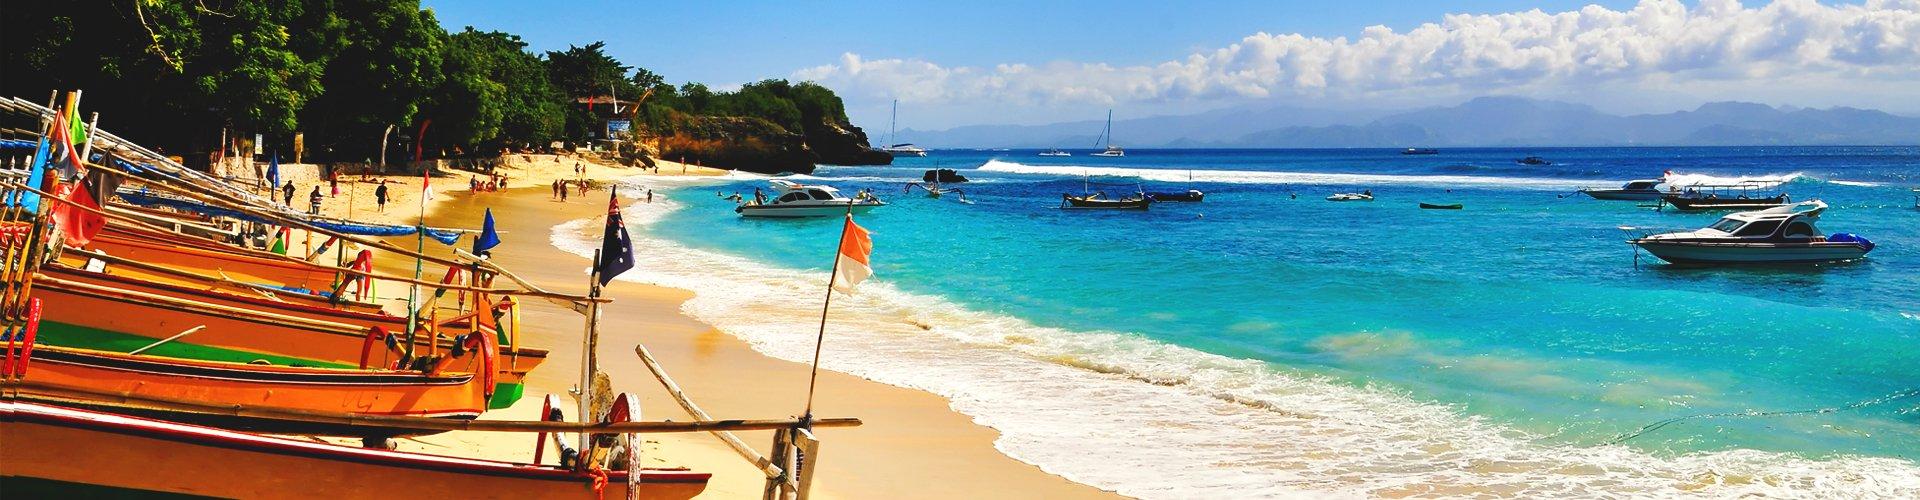 Sunda-eilanden, Indonesië